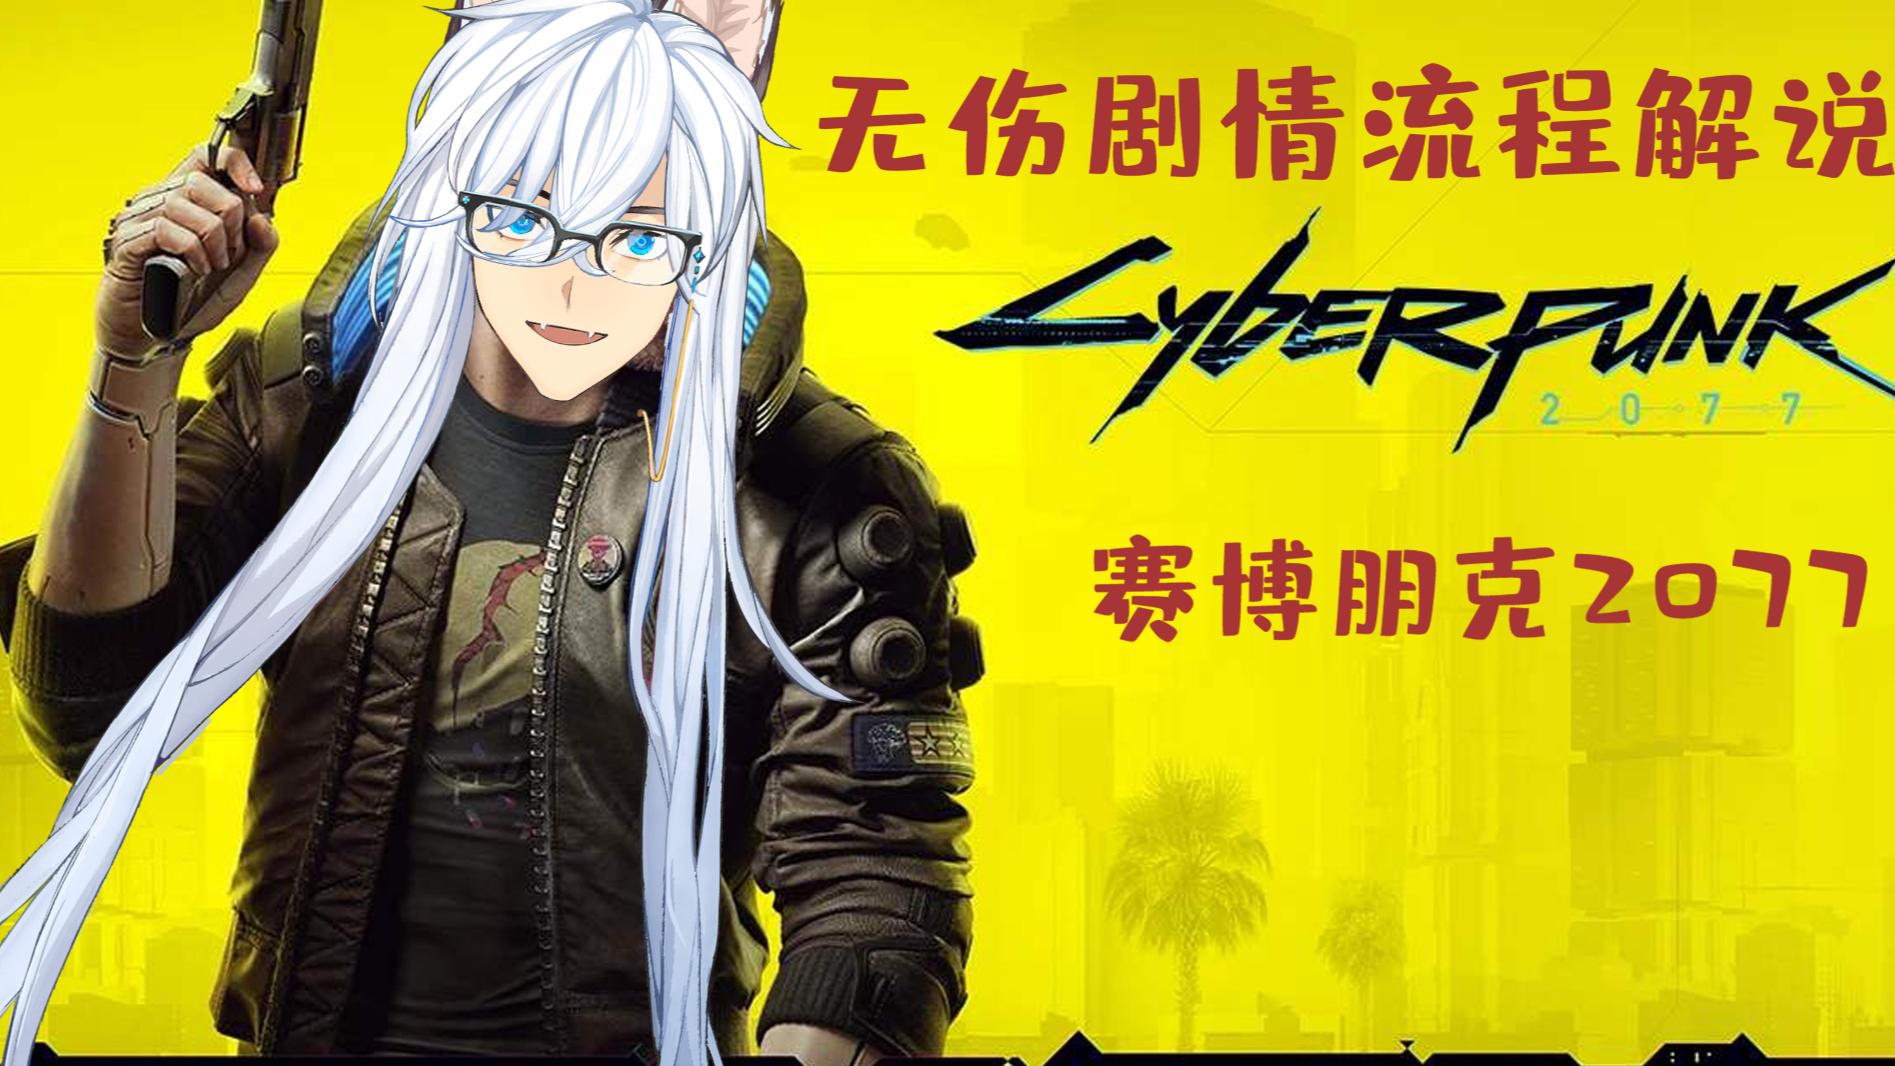 【A站独家】赛博朋克2077无伤最高难度解说——漩涡帮